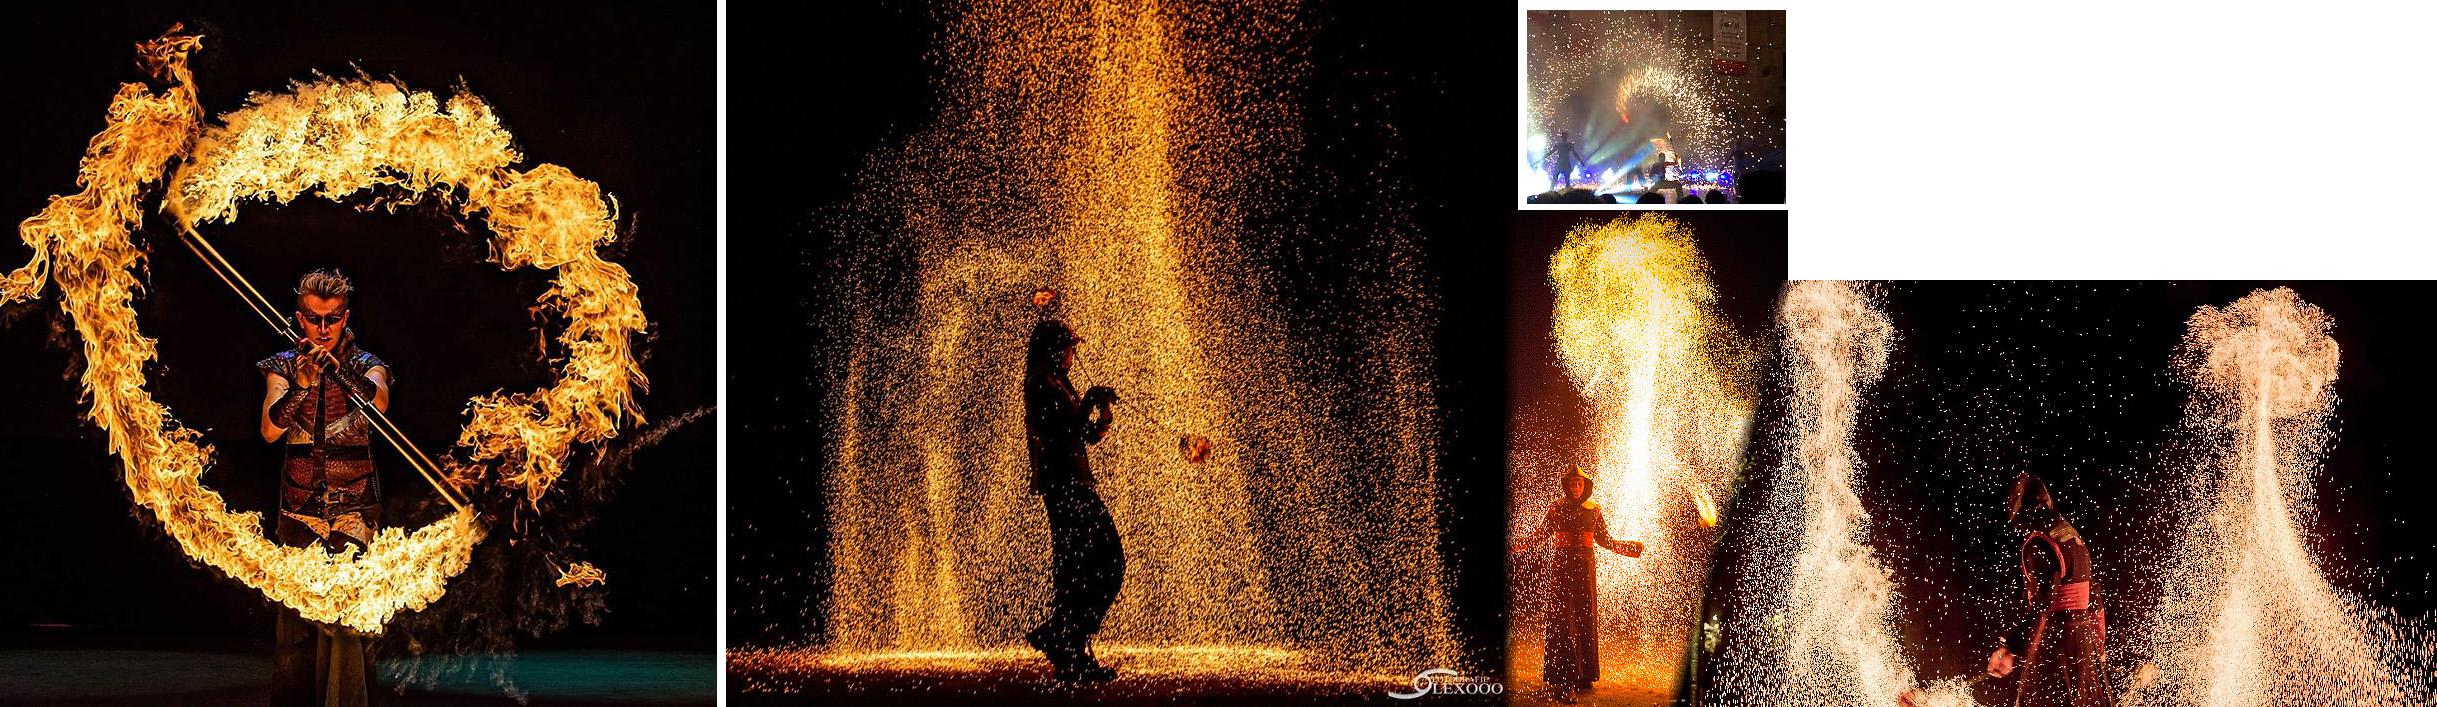 Vuurshow, vuurspuger, vuurspuwer, opening vuur, fireshow, magisch, artiesten boeken, artiestenbureau, vuureffecten, vuurspectakel, themafeest vuur, Govers Evenementen, straattheater, straatshow, straatartiesten, www.goversartiesten.nl